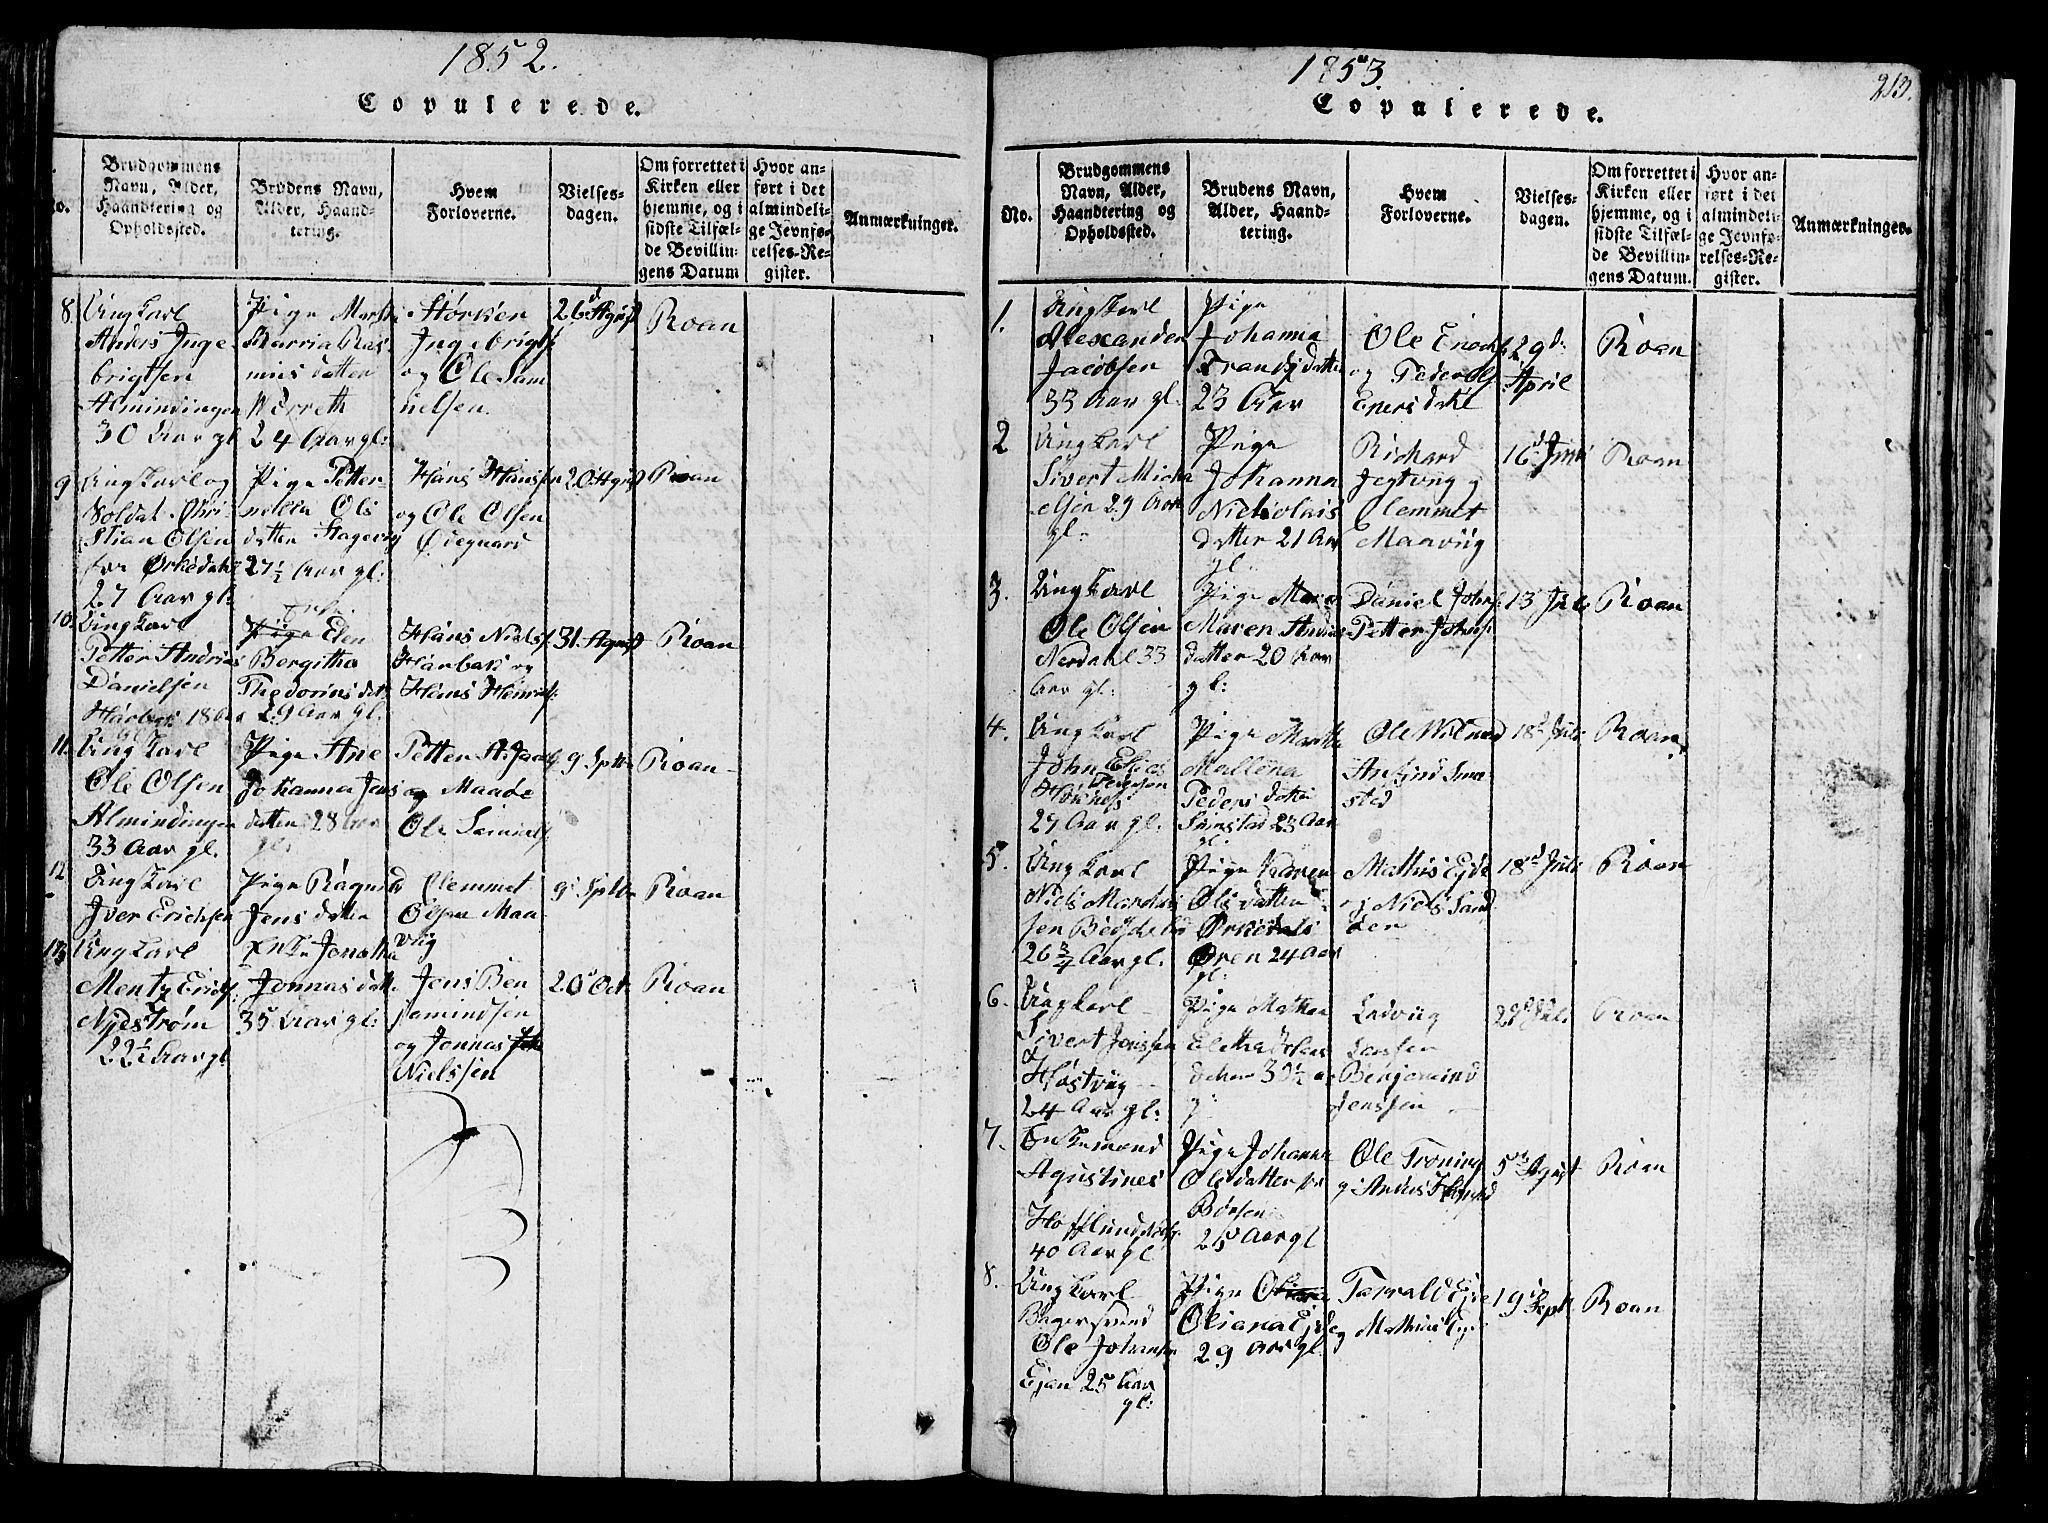 SAT, Ministerialprotokoller, klokkerbøker og fødselsregistre - Sør-Trøndelag, 657/L0714: Klokkerbok nr. 657C01, 1818-1868, s. 213